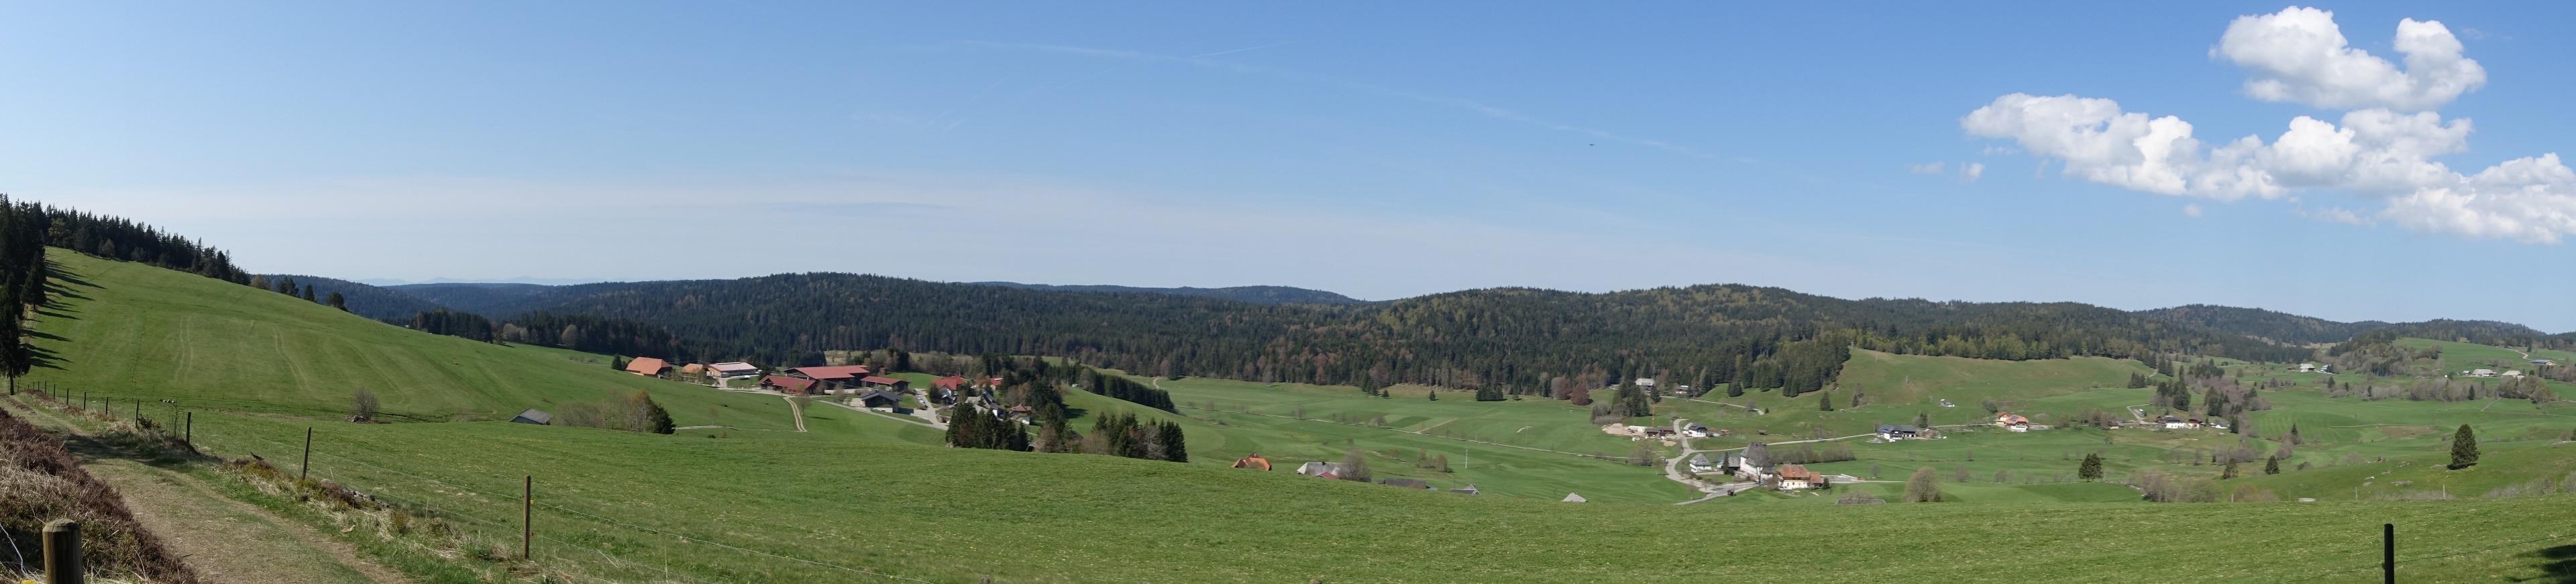 Dachsberg (Südschwarzwald), Baden-Württemberg, Deutschland